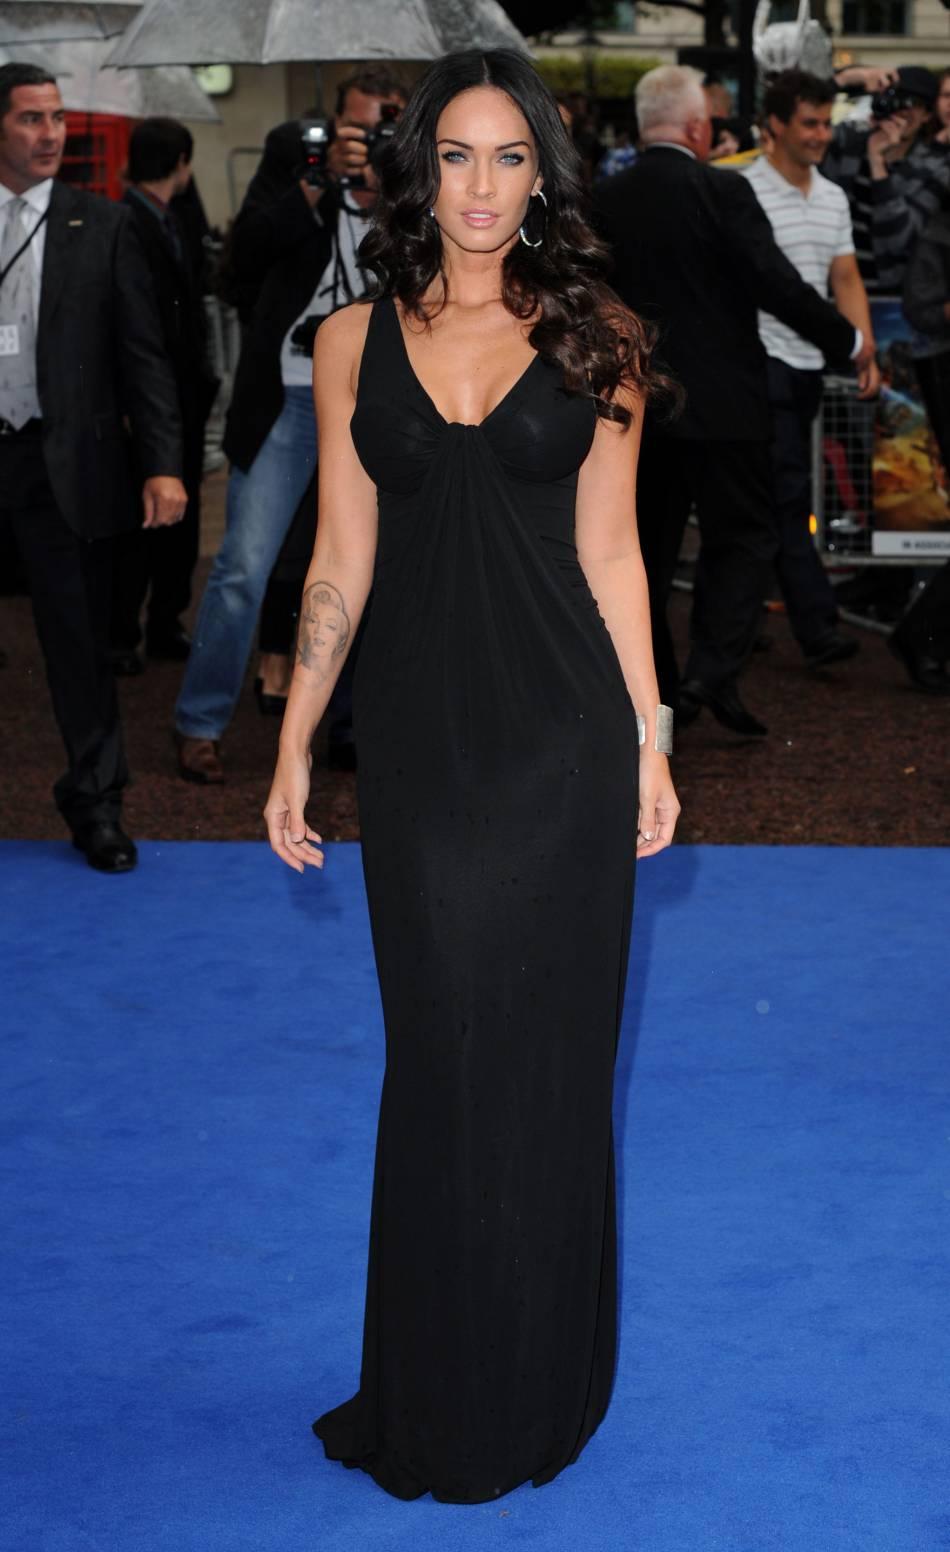 Prothèses mammaires en vue, Megan Fox se lance dans l'opération séduction sur red carpet.